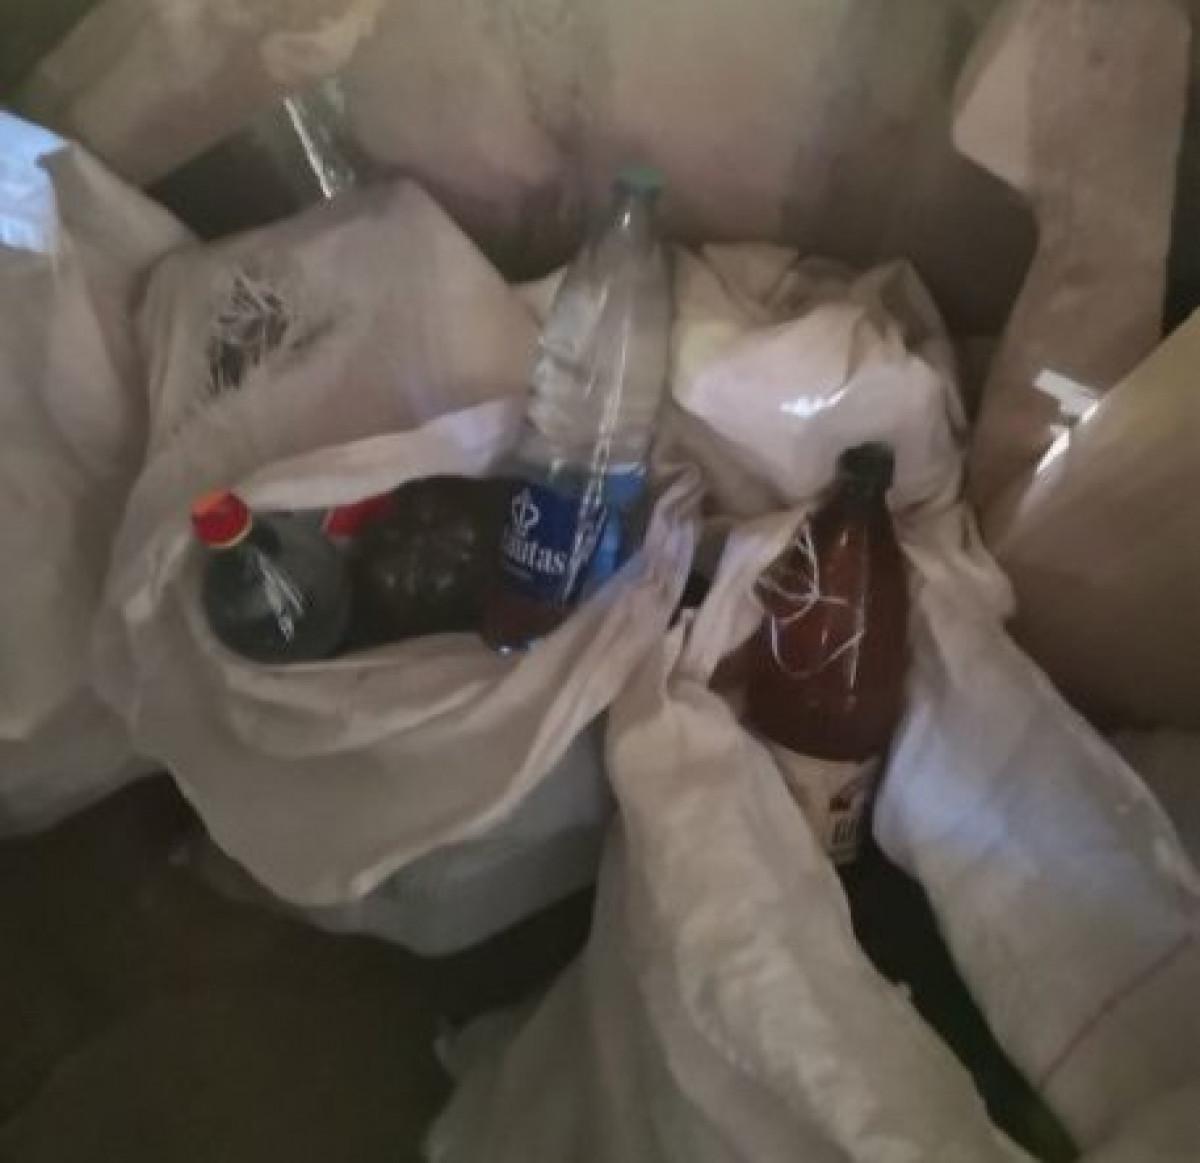 Klaipėdos raj. su 20 litrų naminės degtinės pagautas vyriškis pripažintas kaltu, atimtas ir automobilis